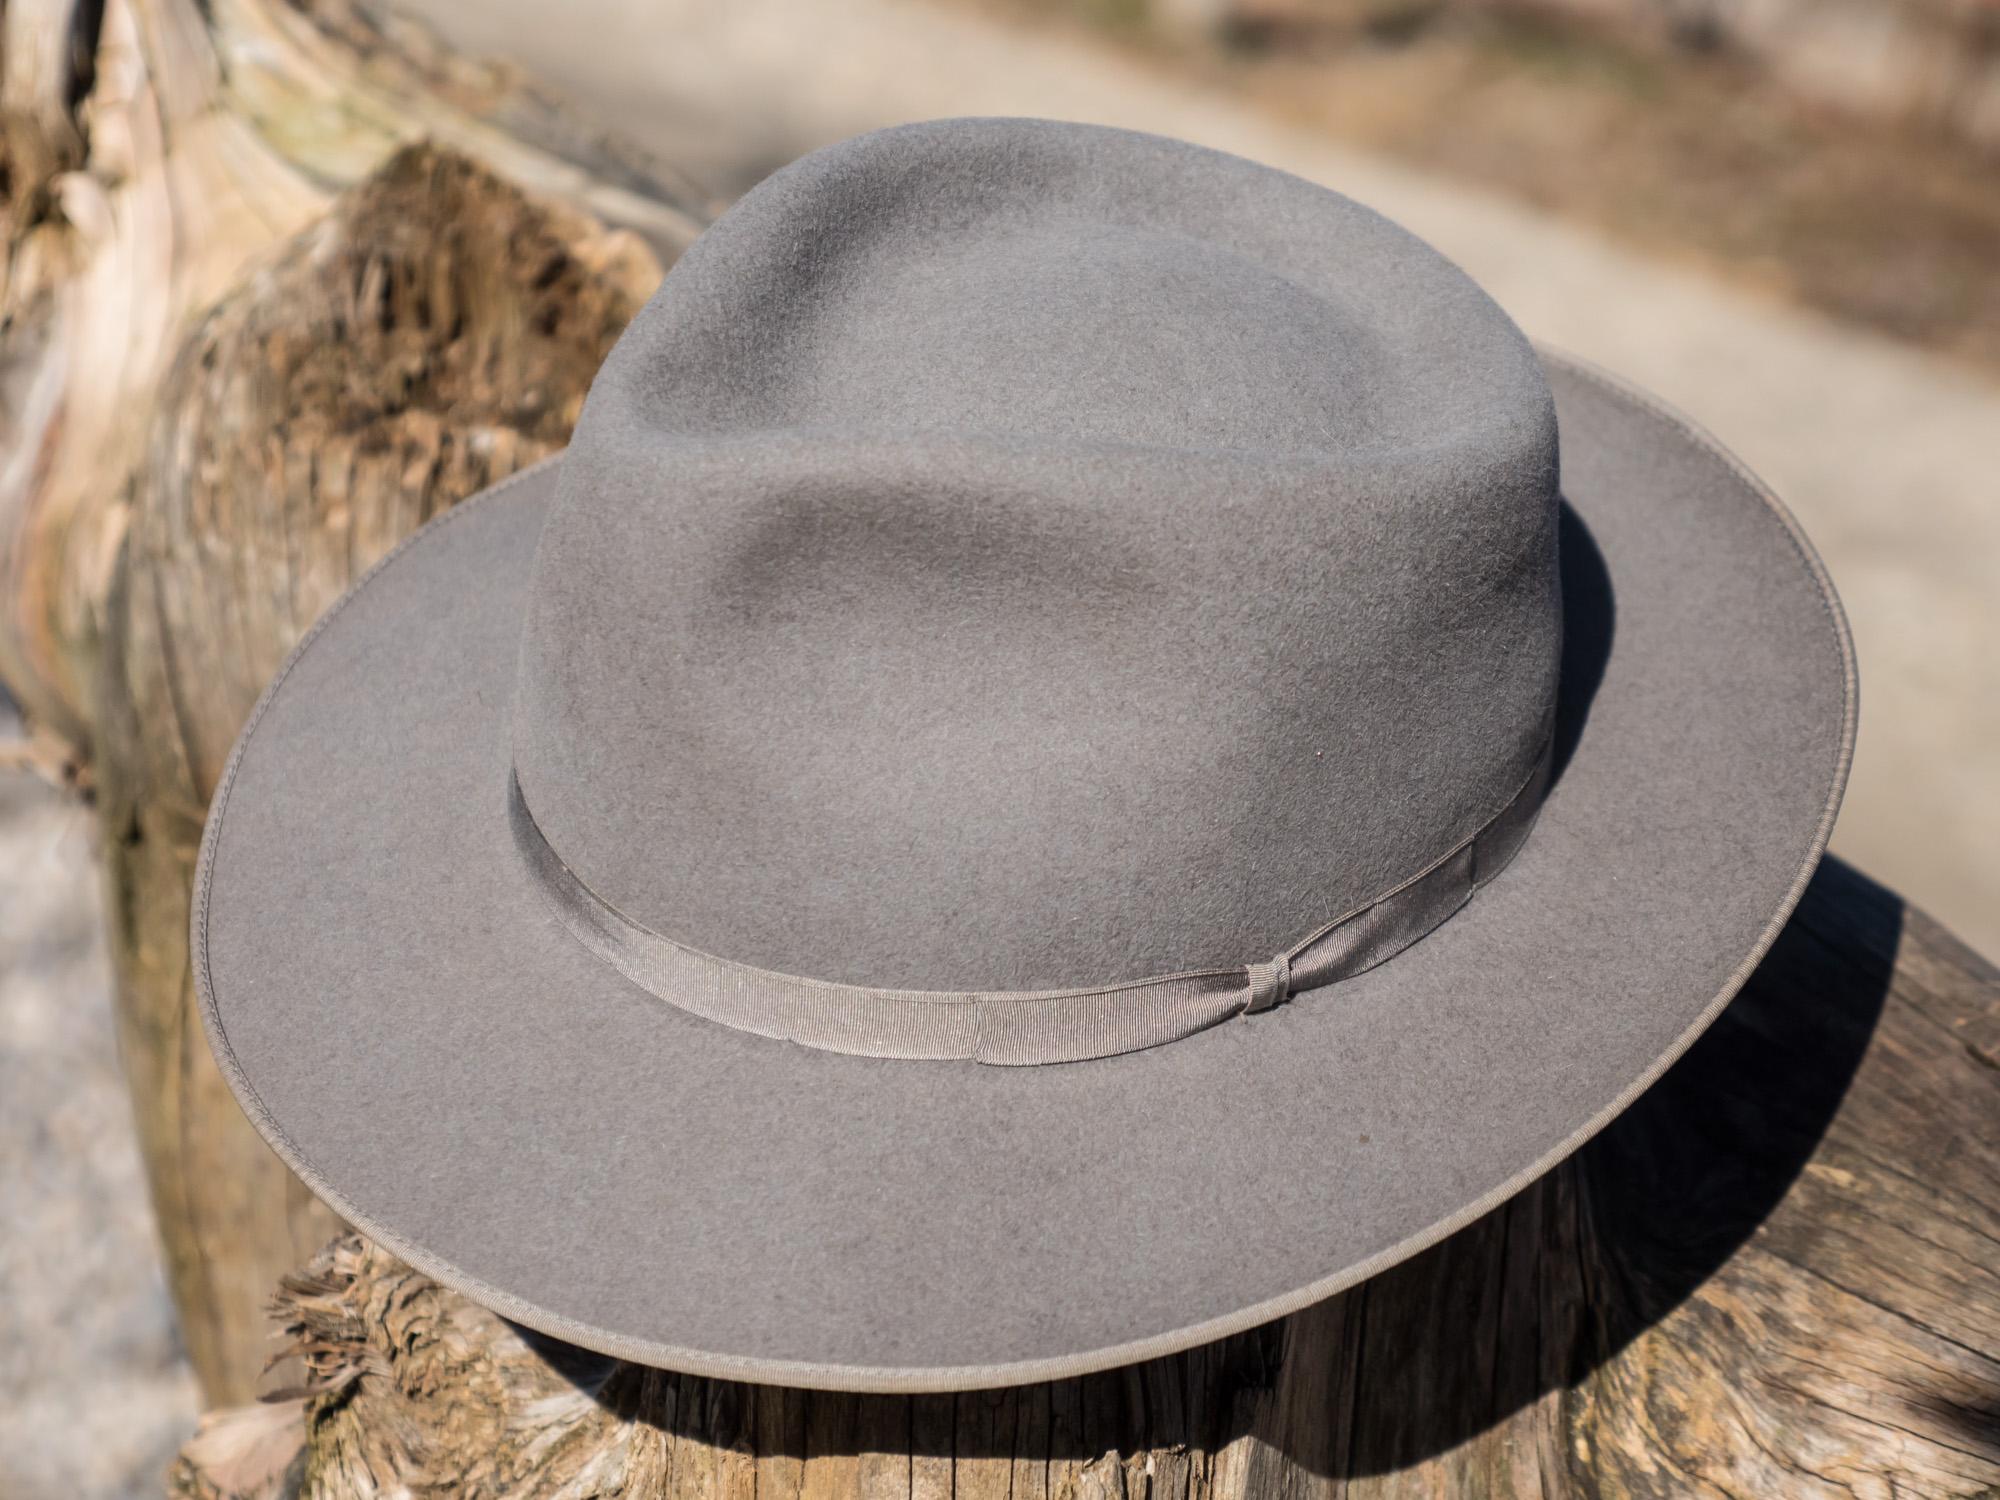 hat-r%C3%B6mer-strat-clone-grau-201-web-